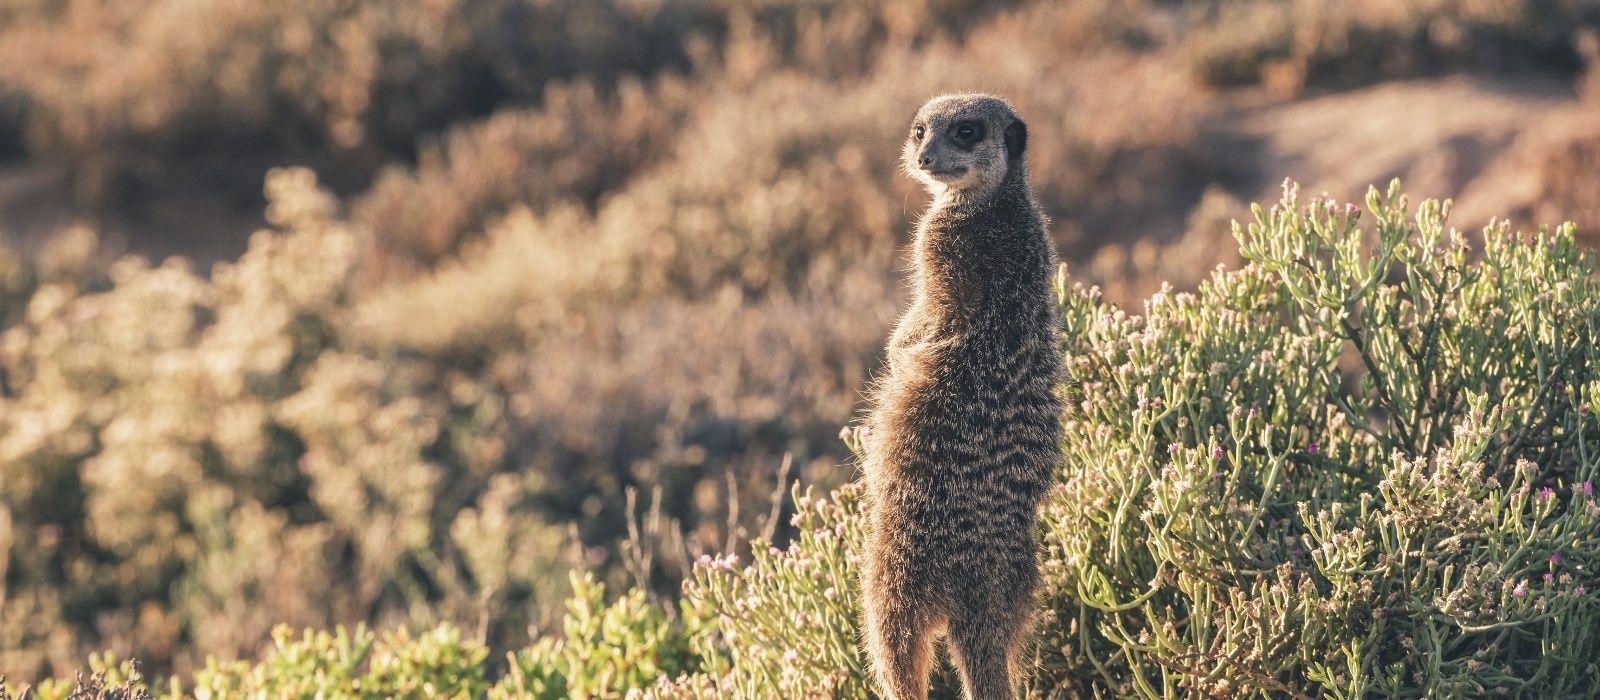 Südafrika & Mauritius: Wilde Tiere, weites Land & tropische Träume Urlaub 4